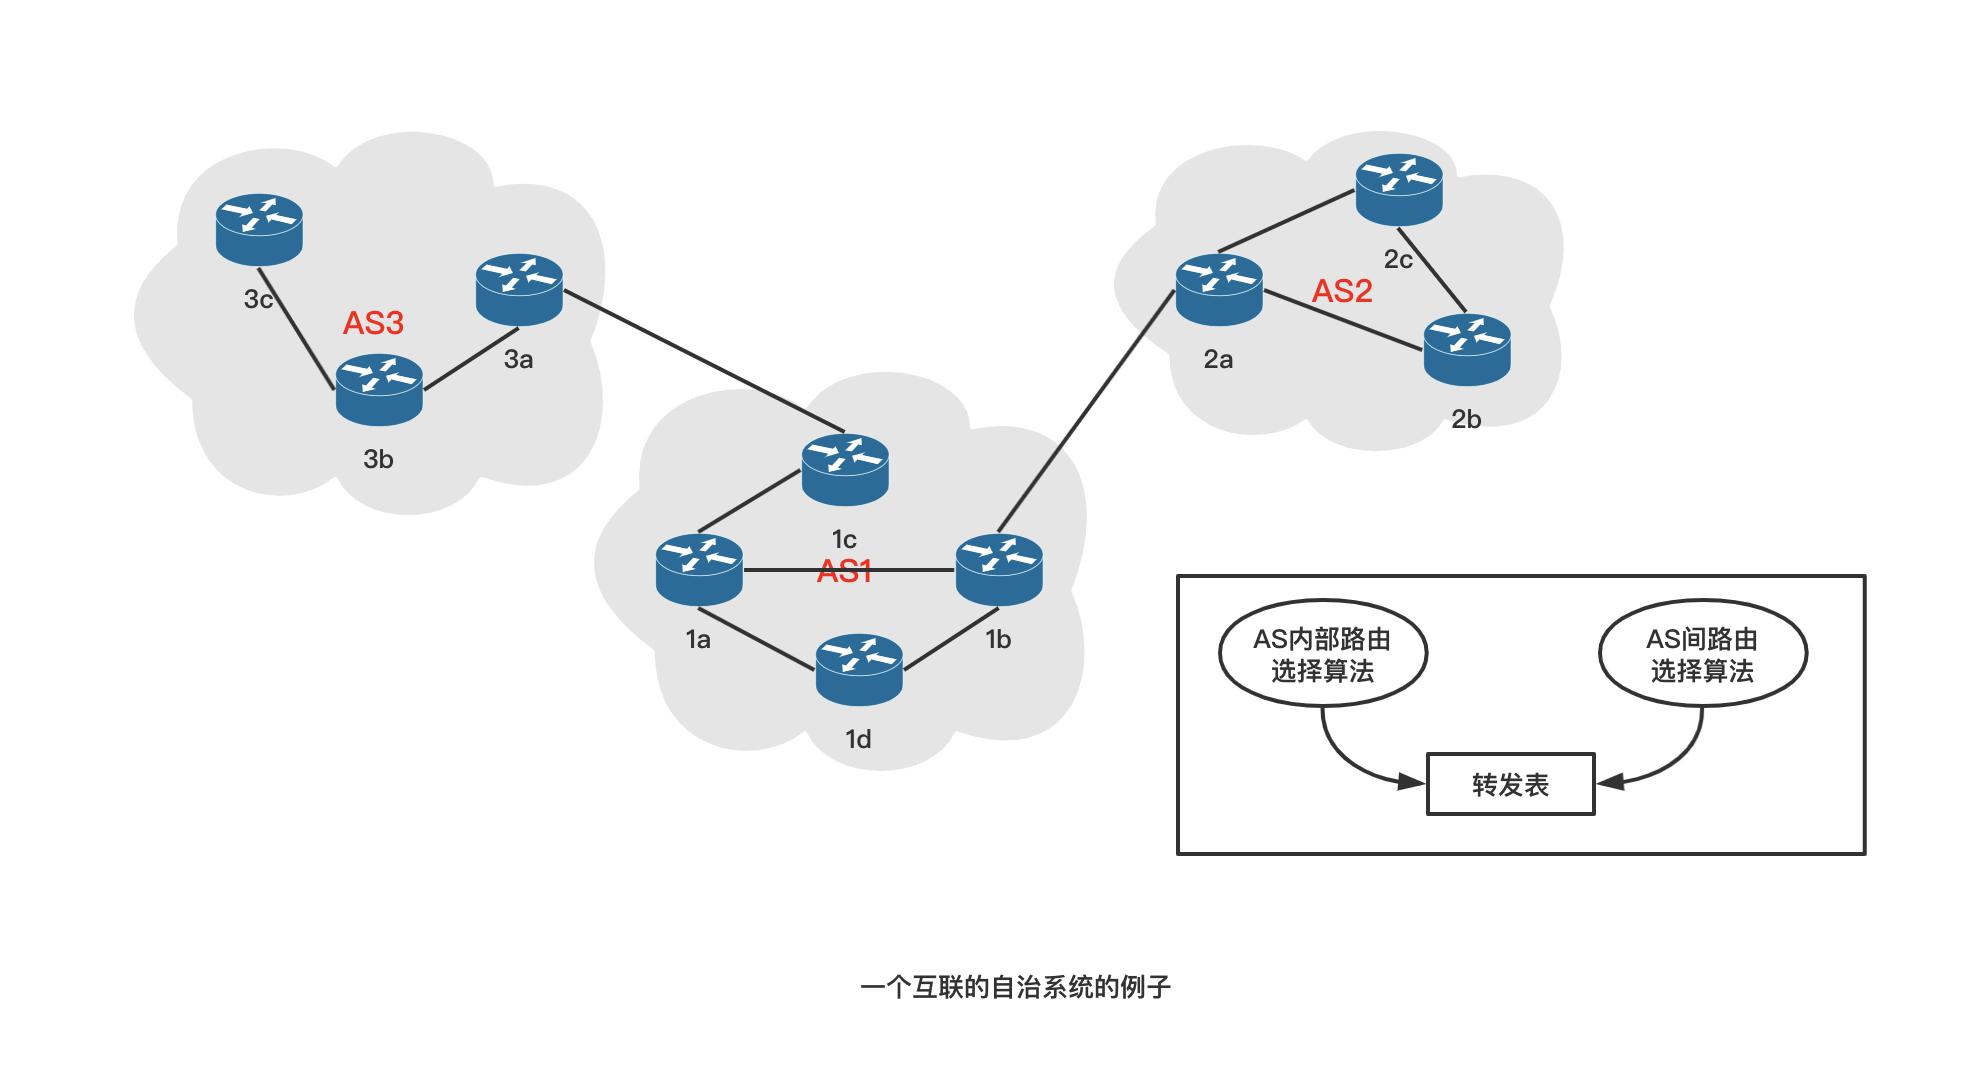 一个互联的自治系统的例子